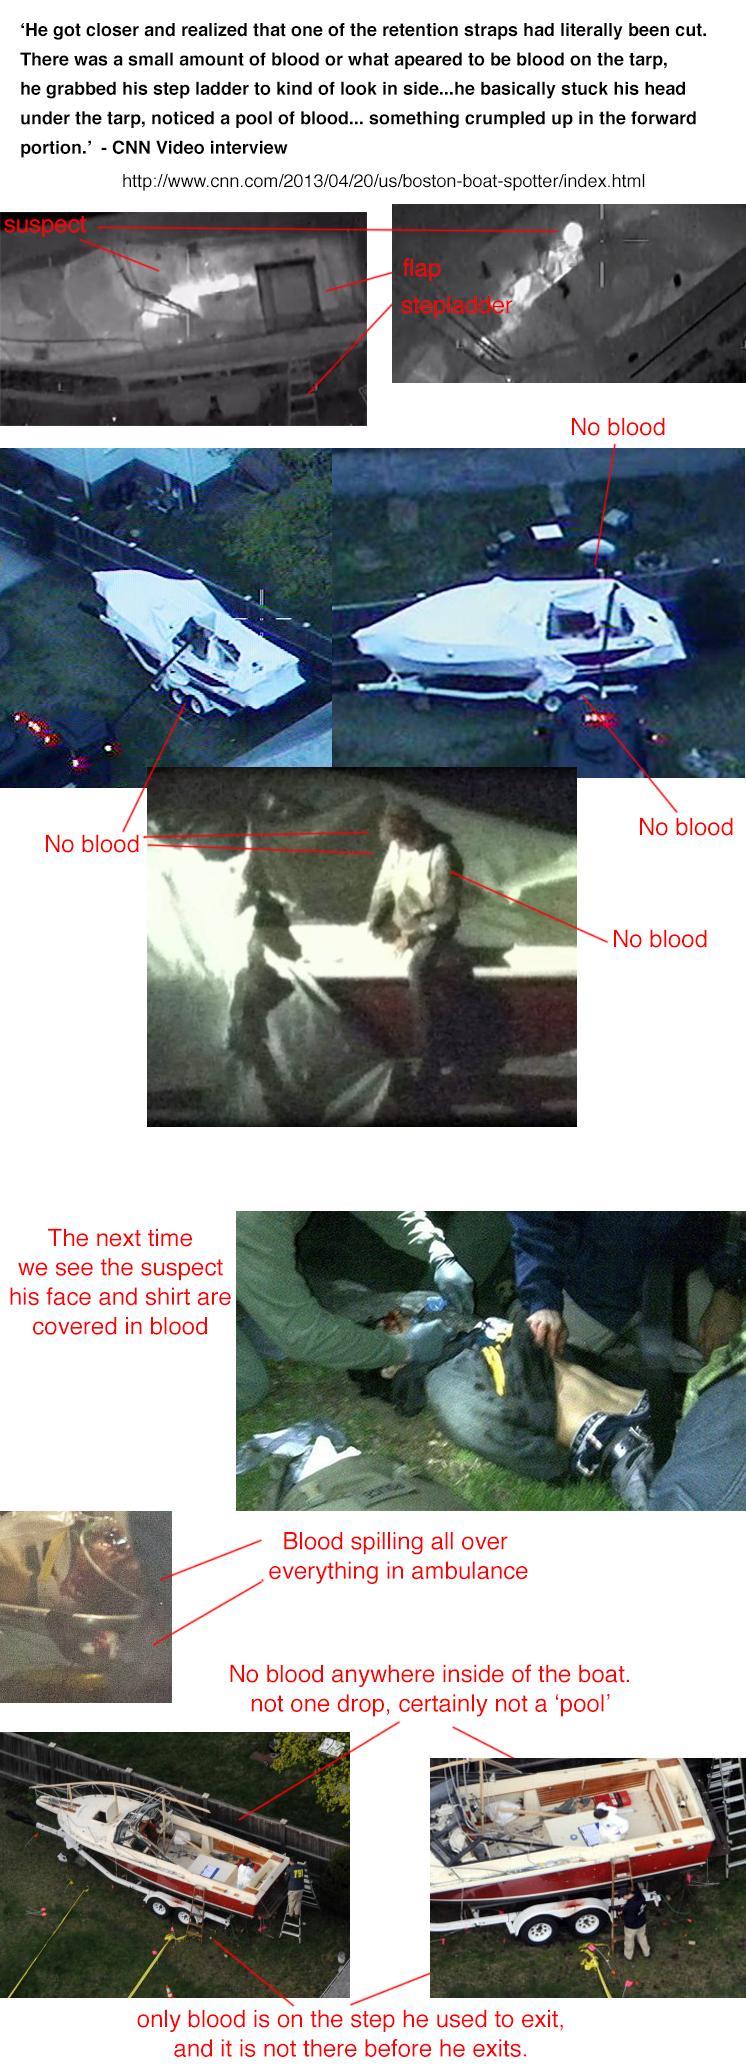 Breakdown of the boat capture. He wasn't bleeding when he was inside that boat